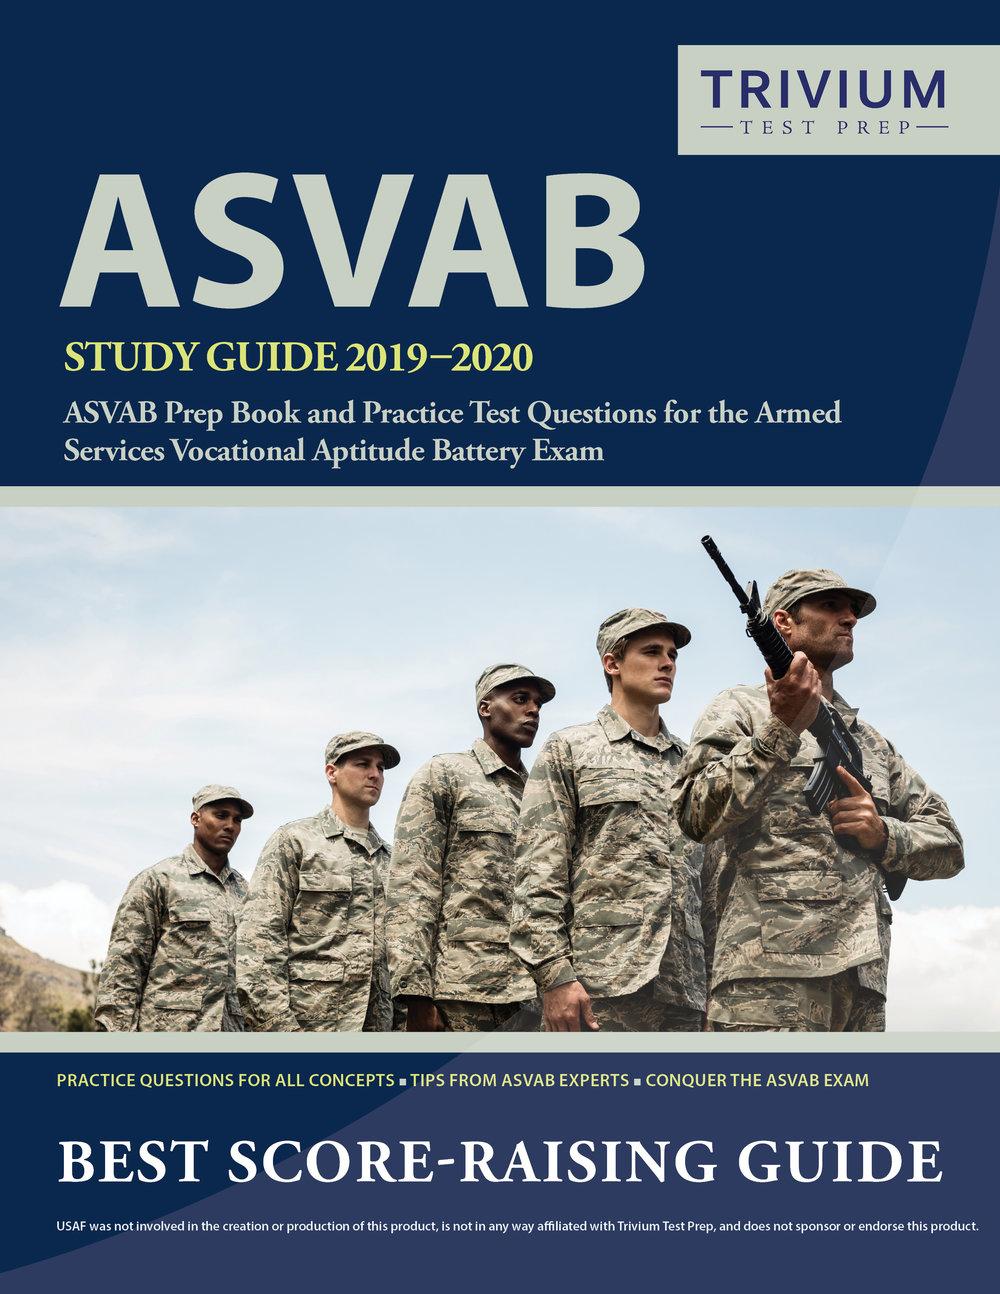 ASVAB_cover_website.jpg